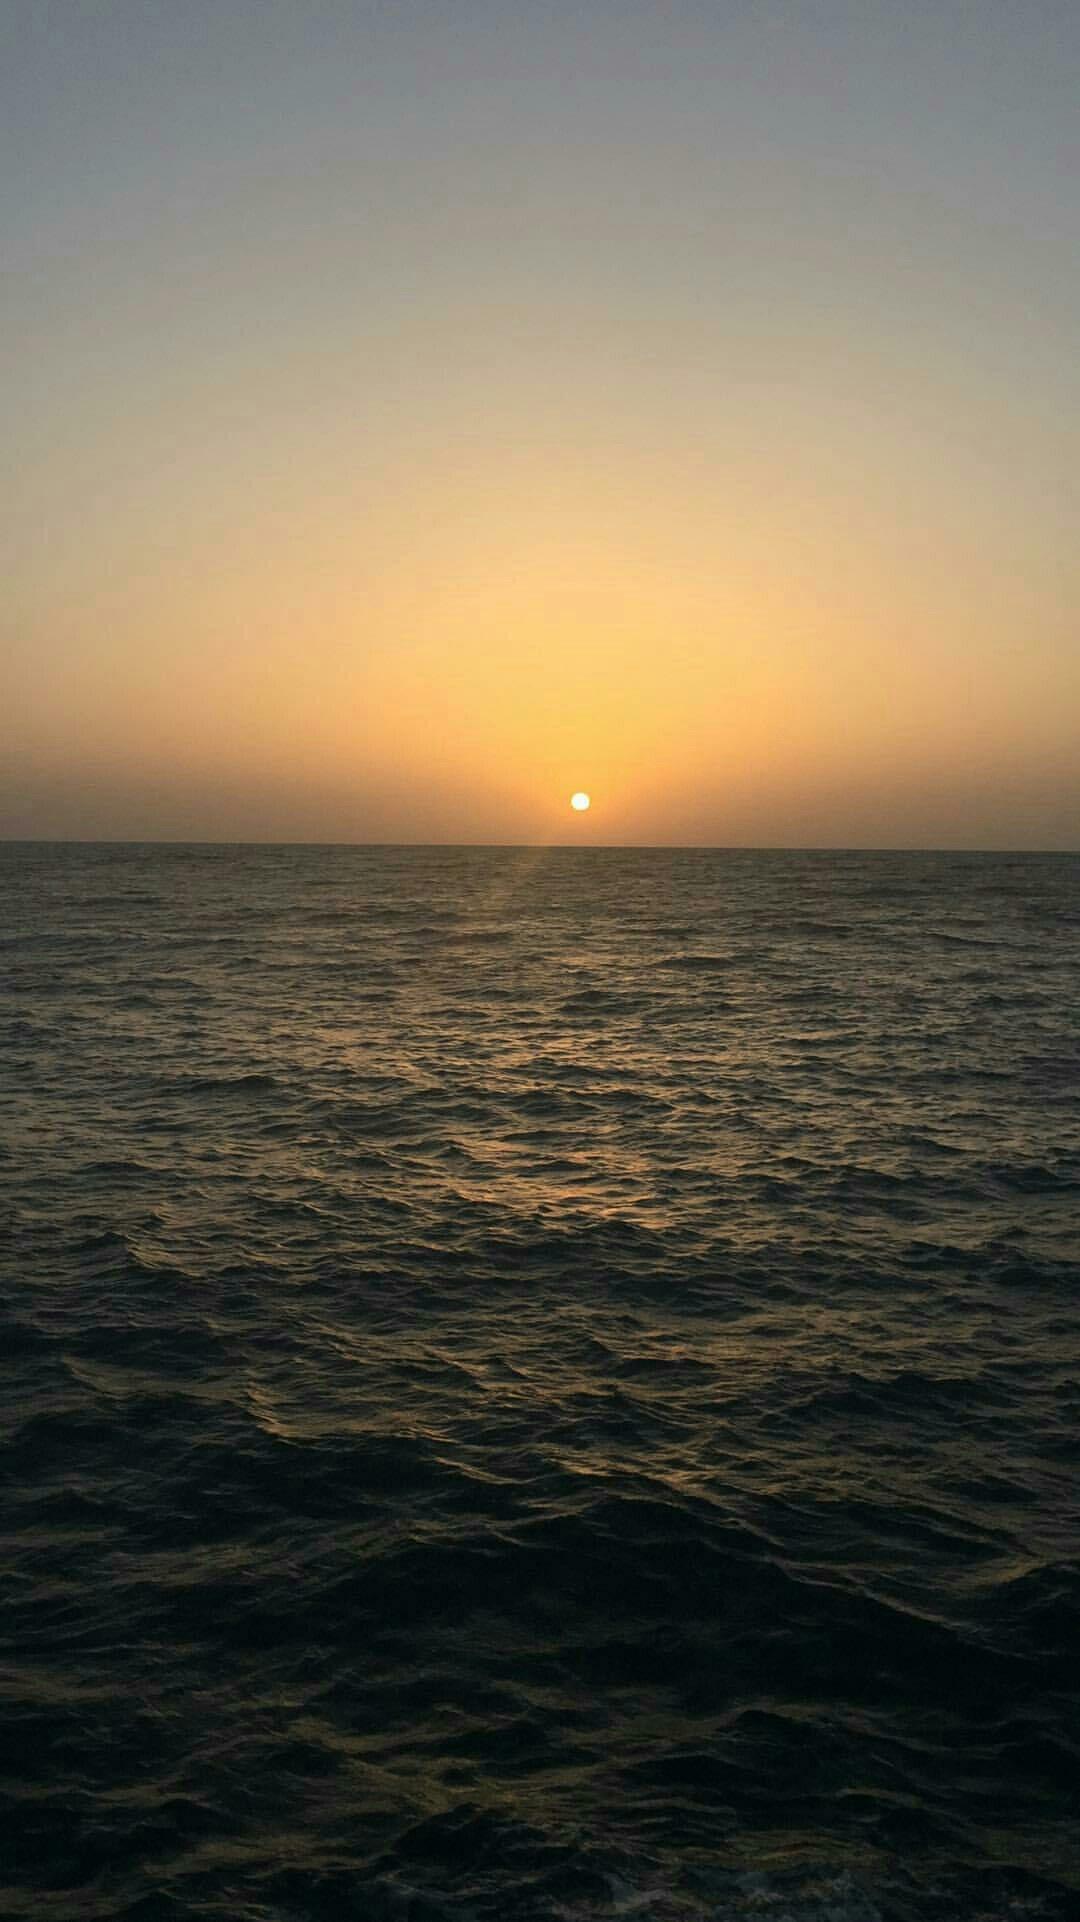 تصويري أمل الحسن جدة Celestial Outdoor Sunset